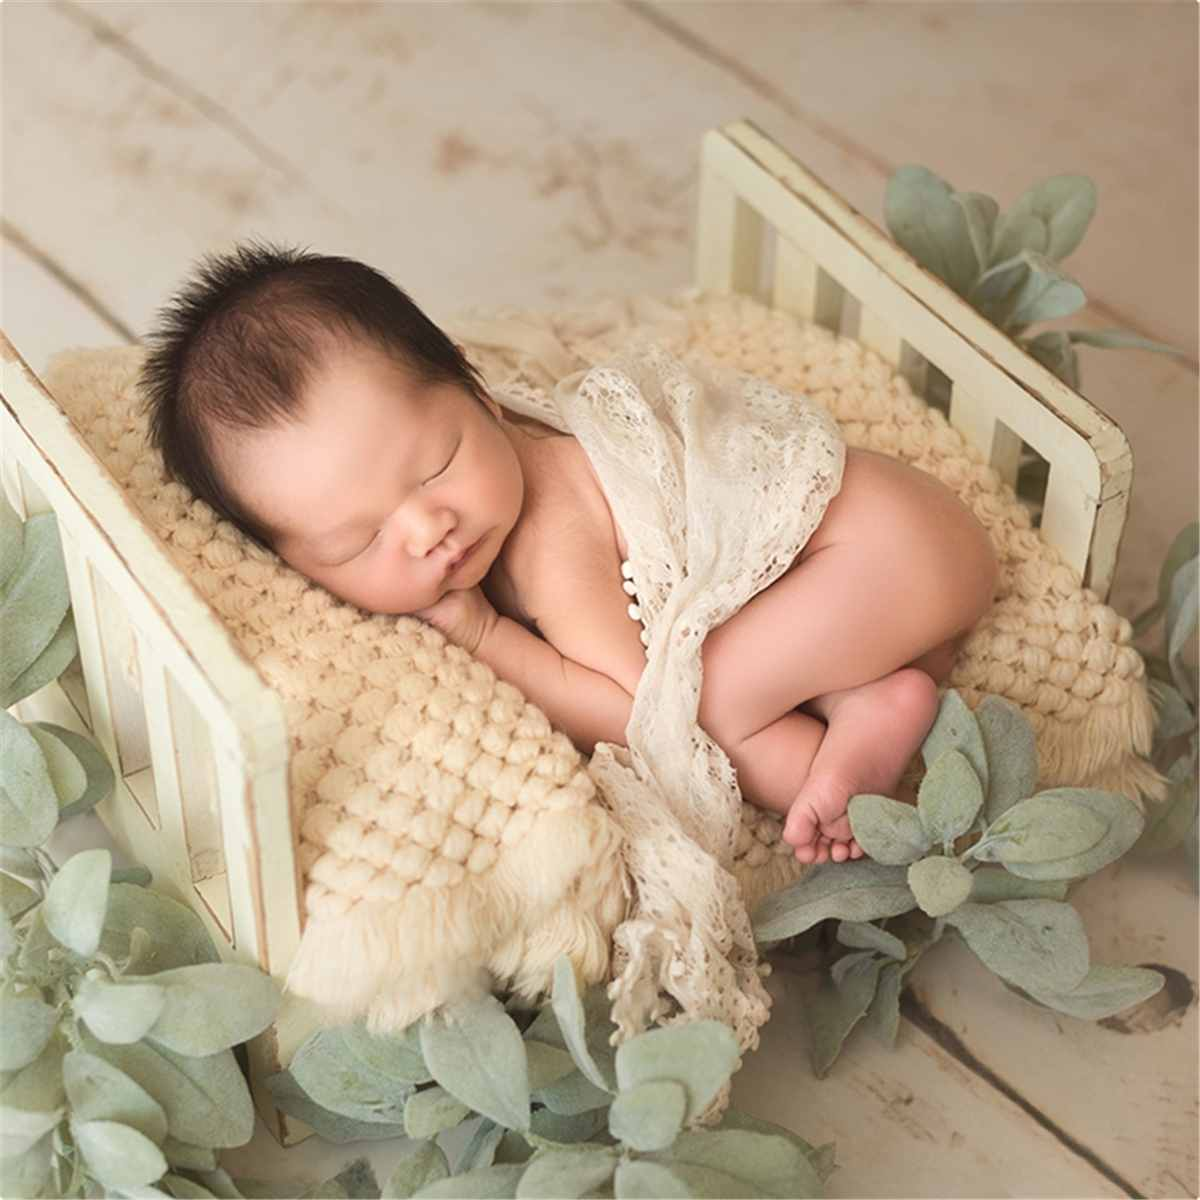 Nouveau-né accessoires pour la photographie bois amovible lit bébé photographie arrière-plan accessoires Flokati nouveau-né Studio accessoires pour tournage